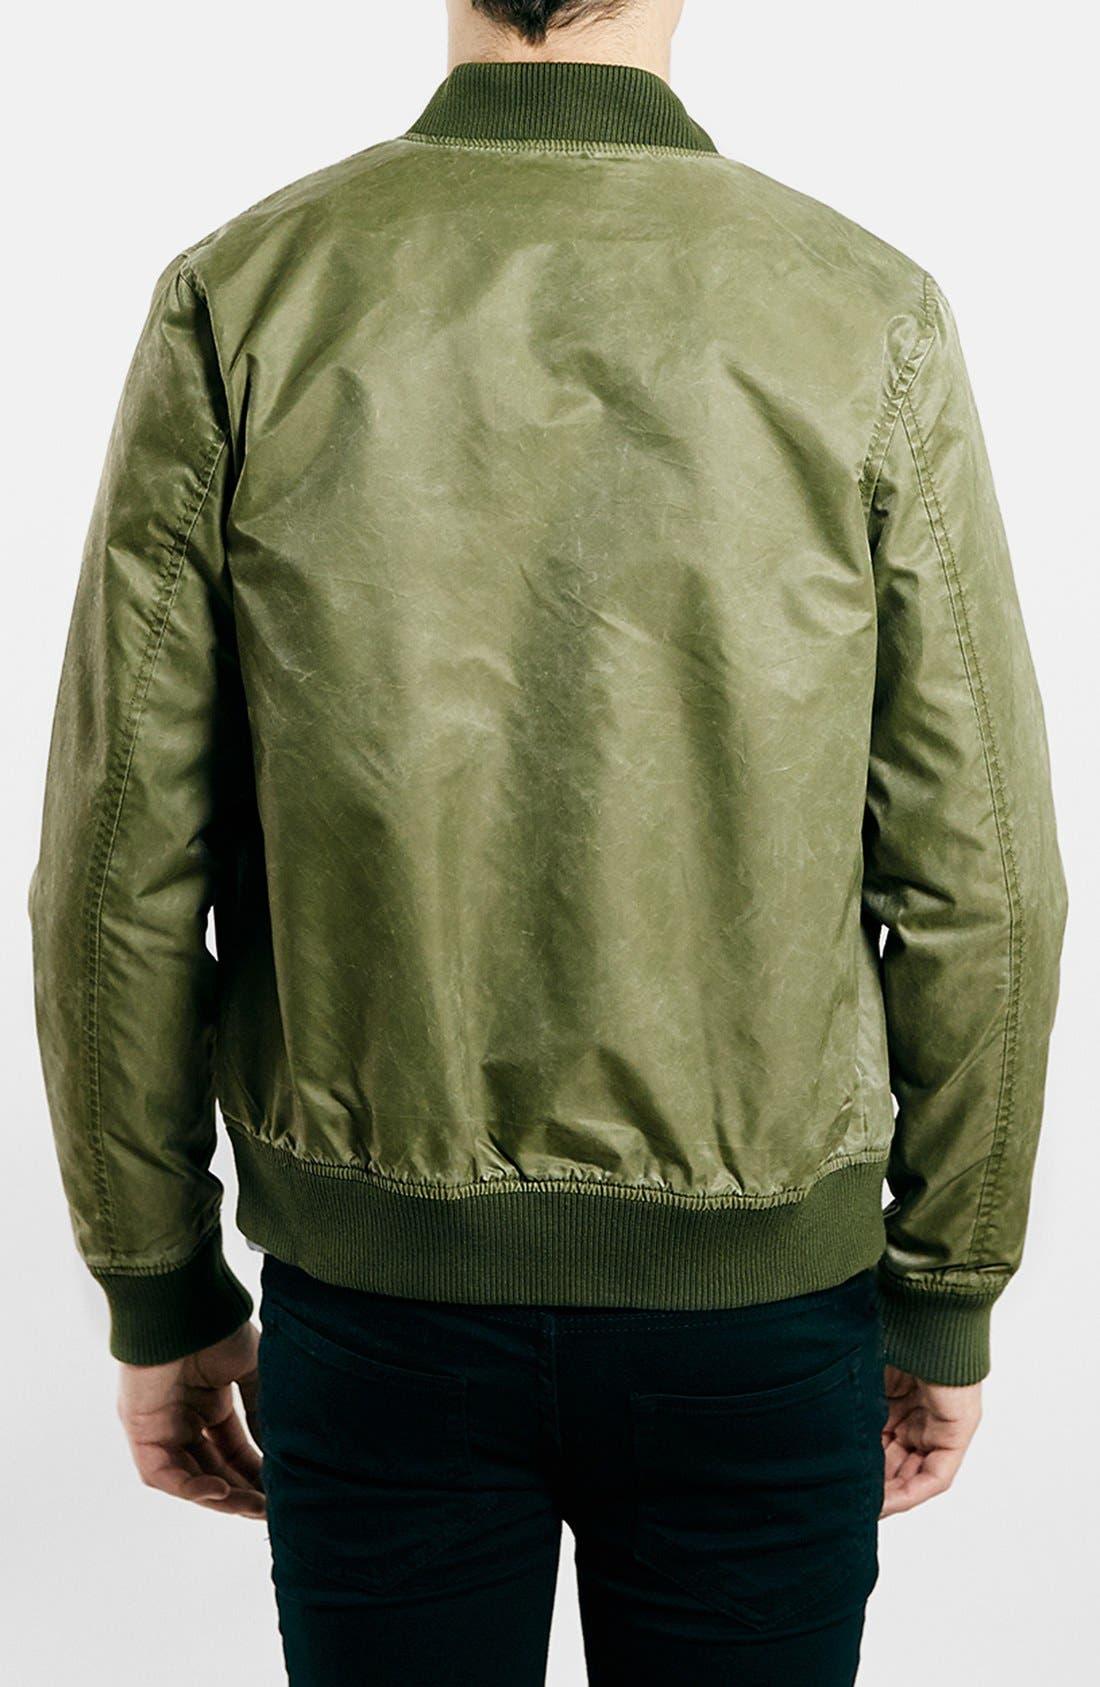 TOPMAN, Brushed Nylon Bomber Jacket, Alternate thumbnail 4, color, 300